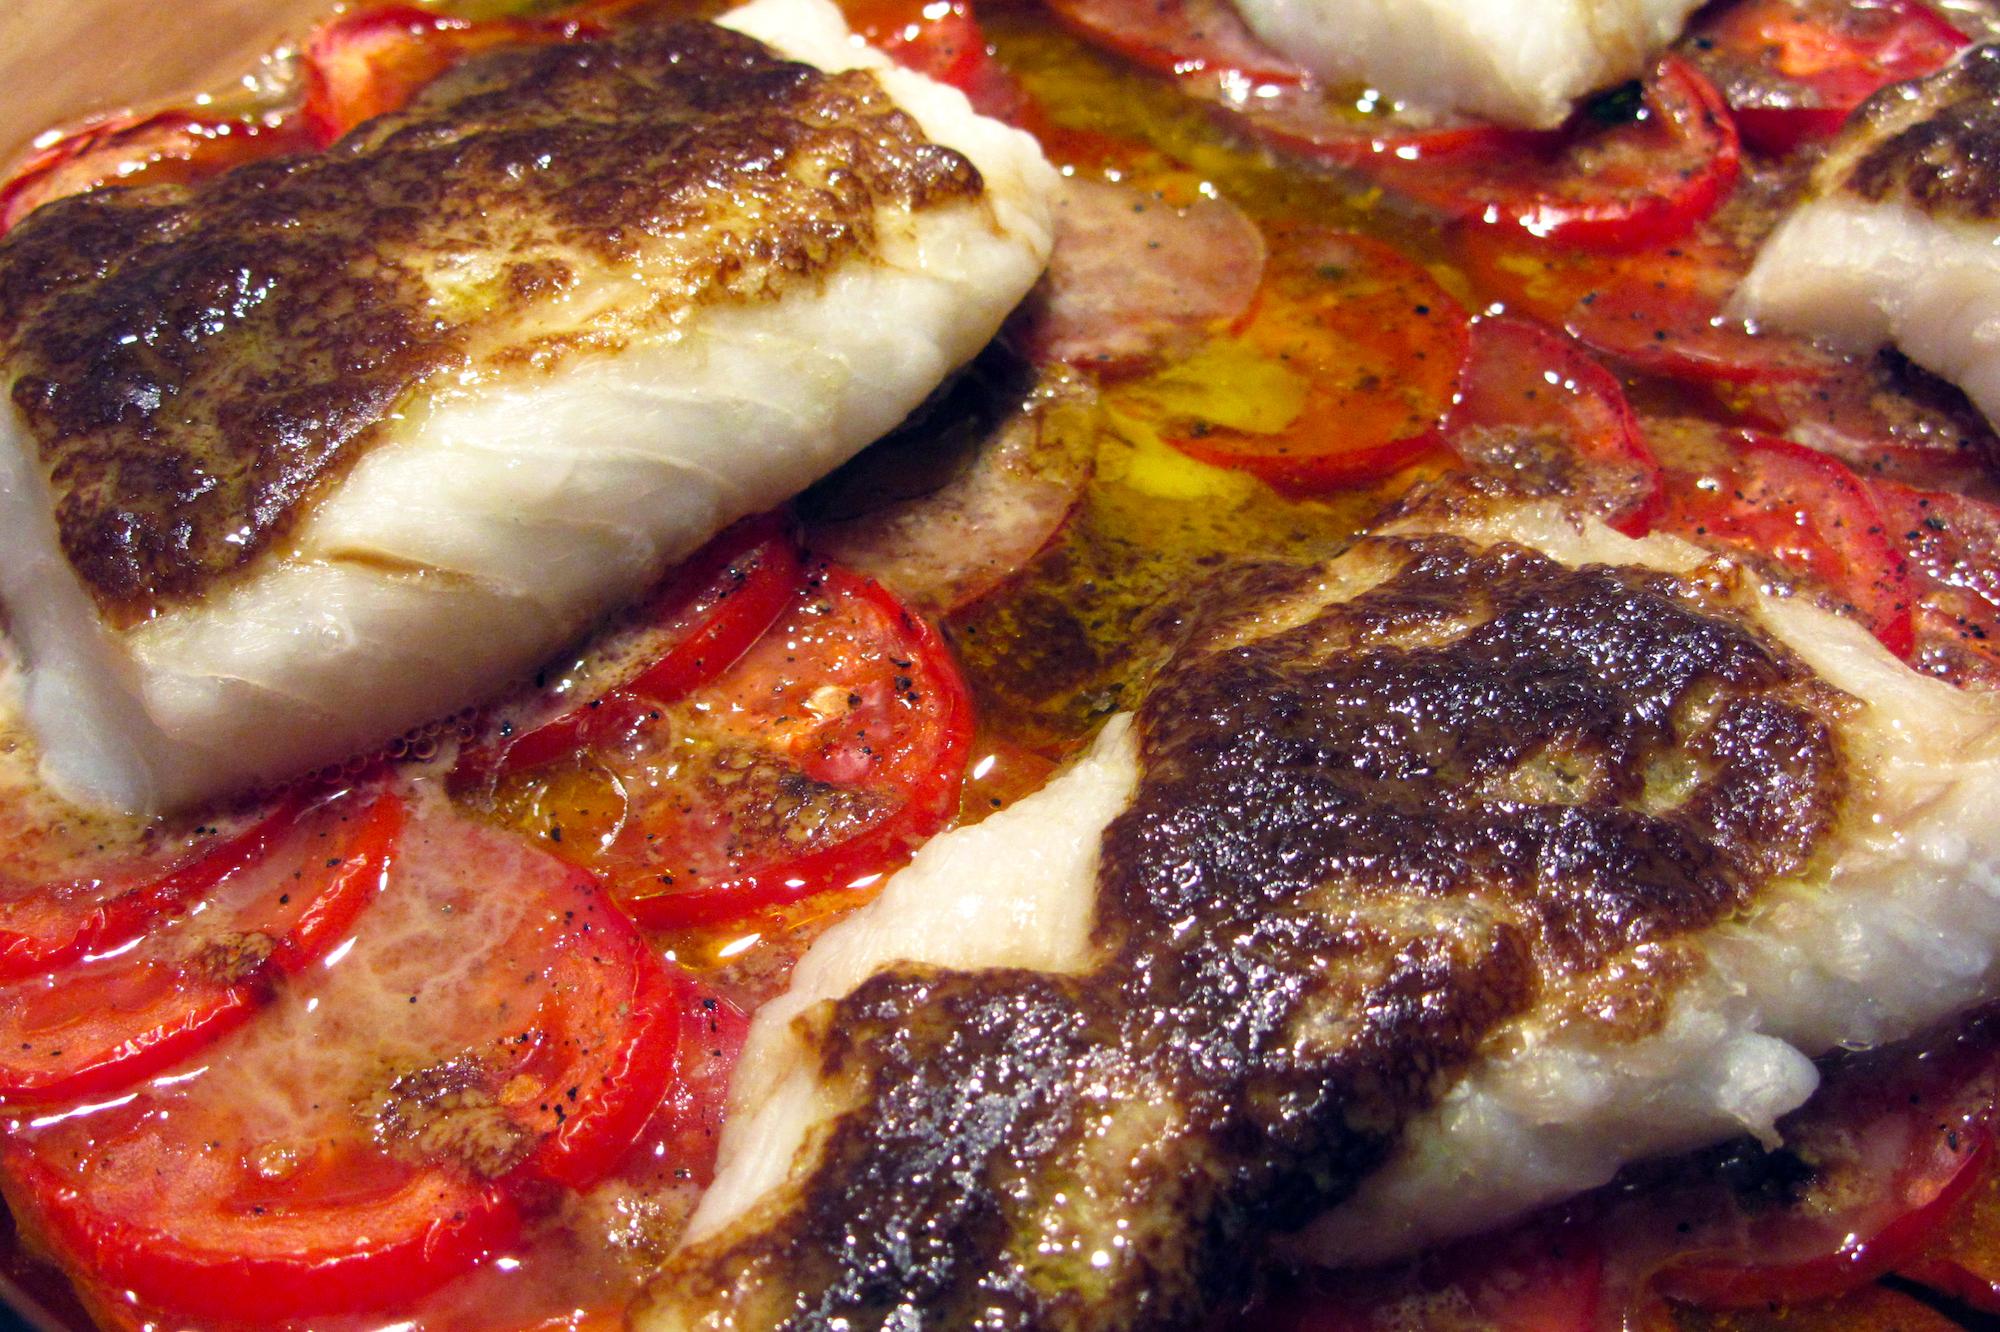 Kabeljauwhaasjes op een tomatenbedje met mosterd-sojasaus (Pascale Naessens)